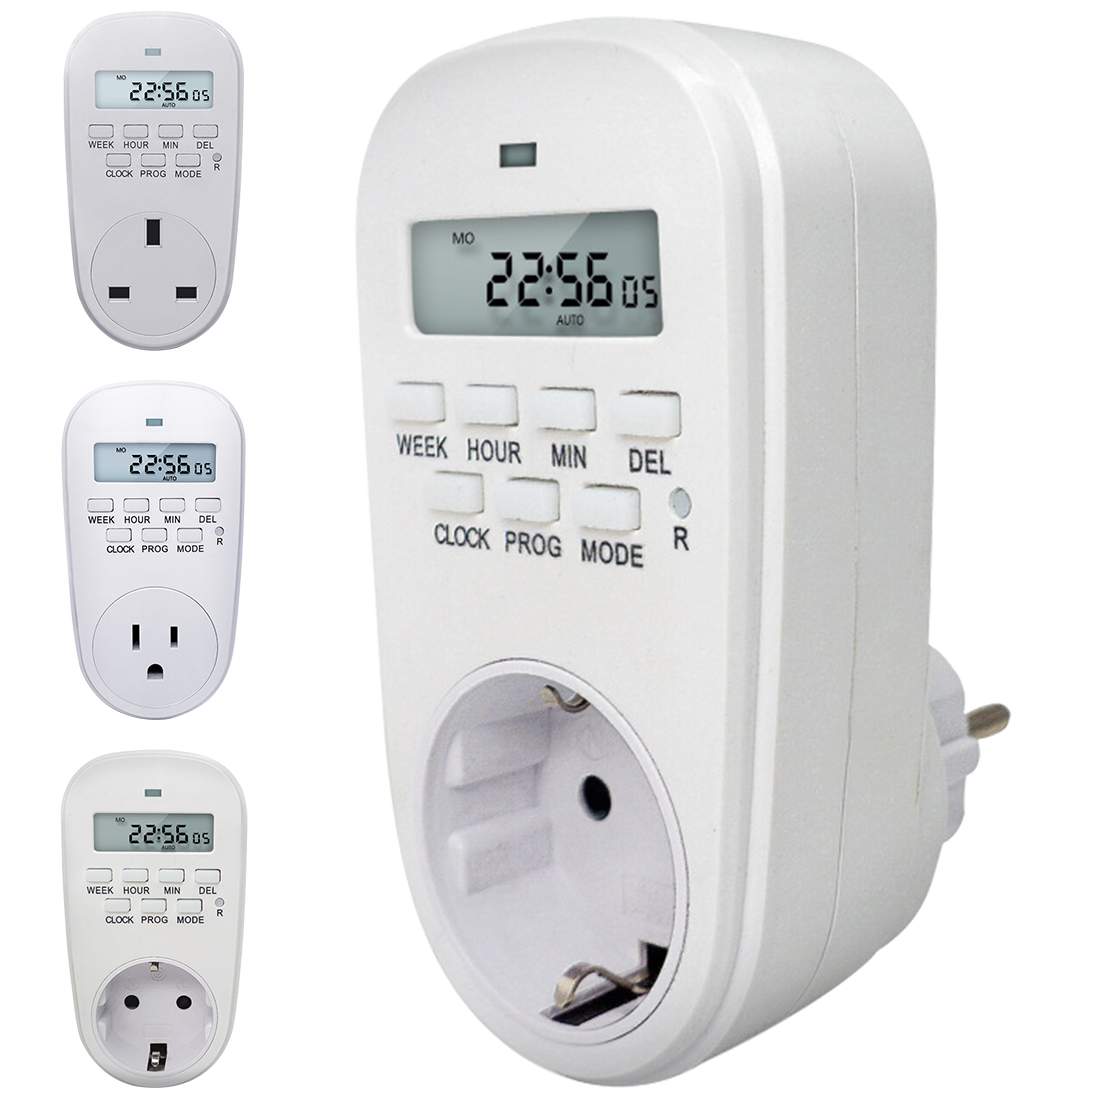 Caliente ajustable programable Ajuste de reloj/tiempo de encendido/apagado temporizador Digital interruptor de ahorro de energía inteligente enchufe de la UE /enchufe de Reino Unido